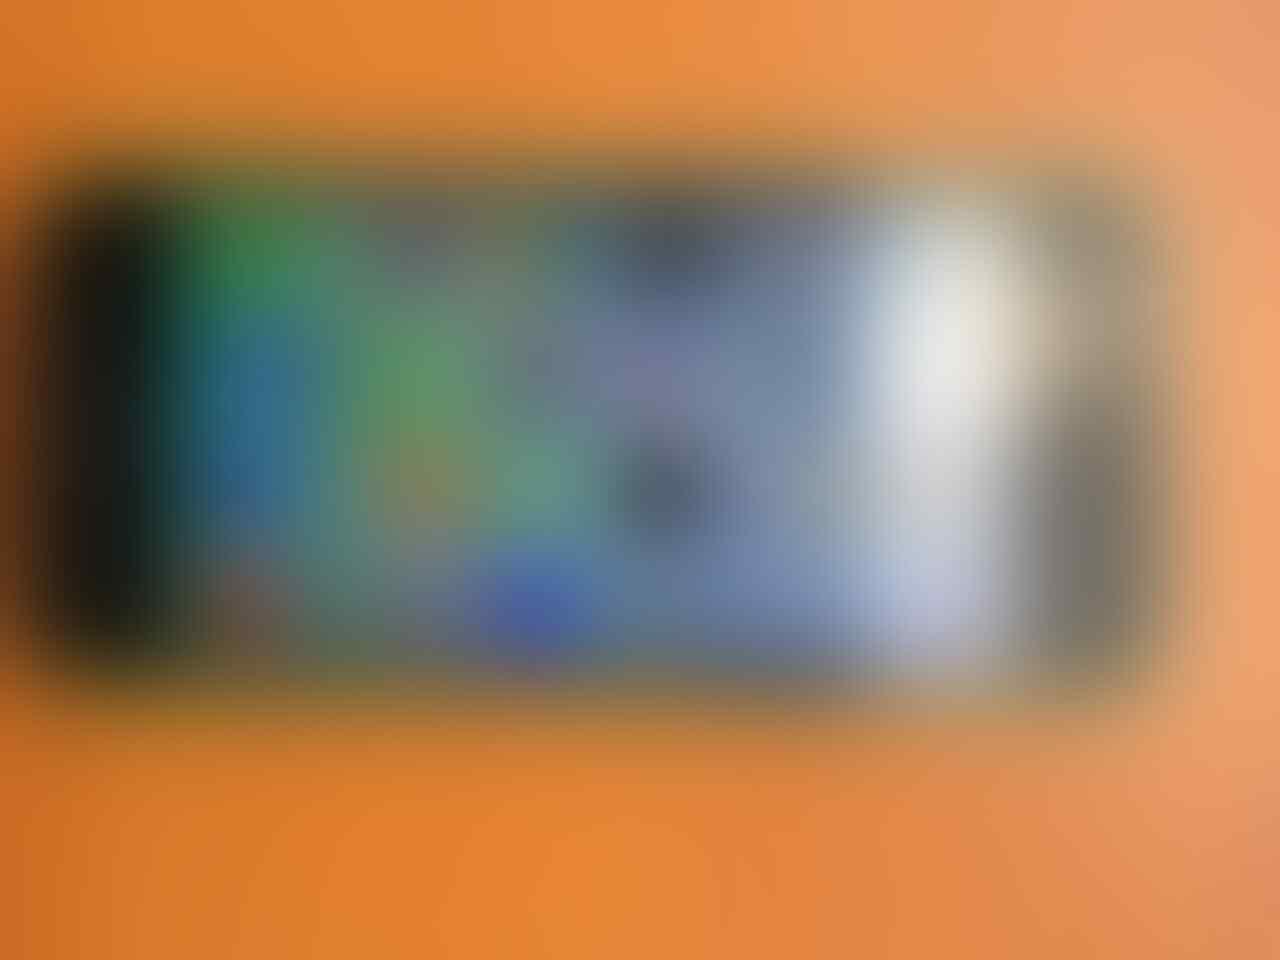 WTS: iPhone 5C replika